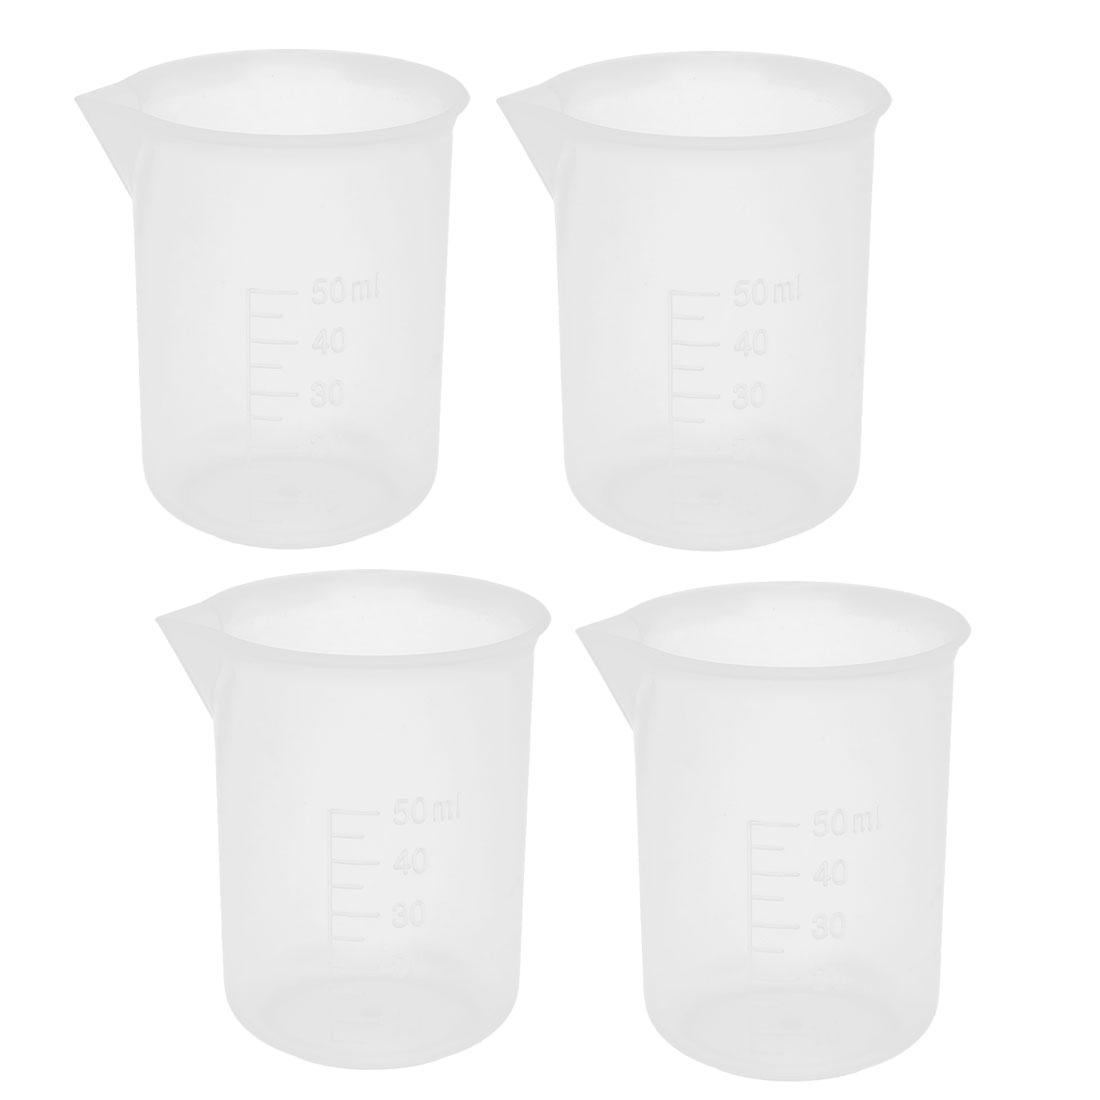 4 Pcs School Lab Plastic Liquid Container Measuring Testing Beaker 50mL Capacity